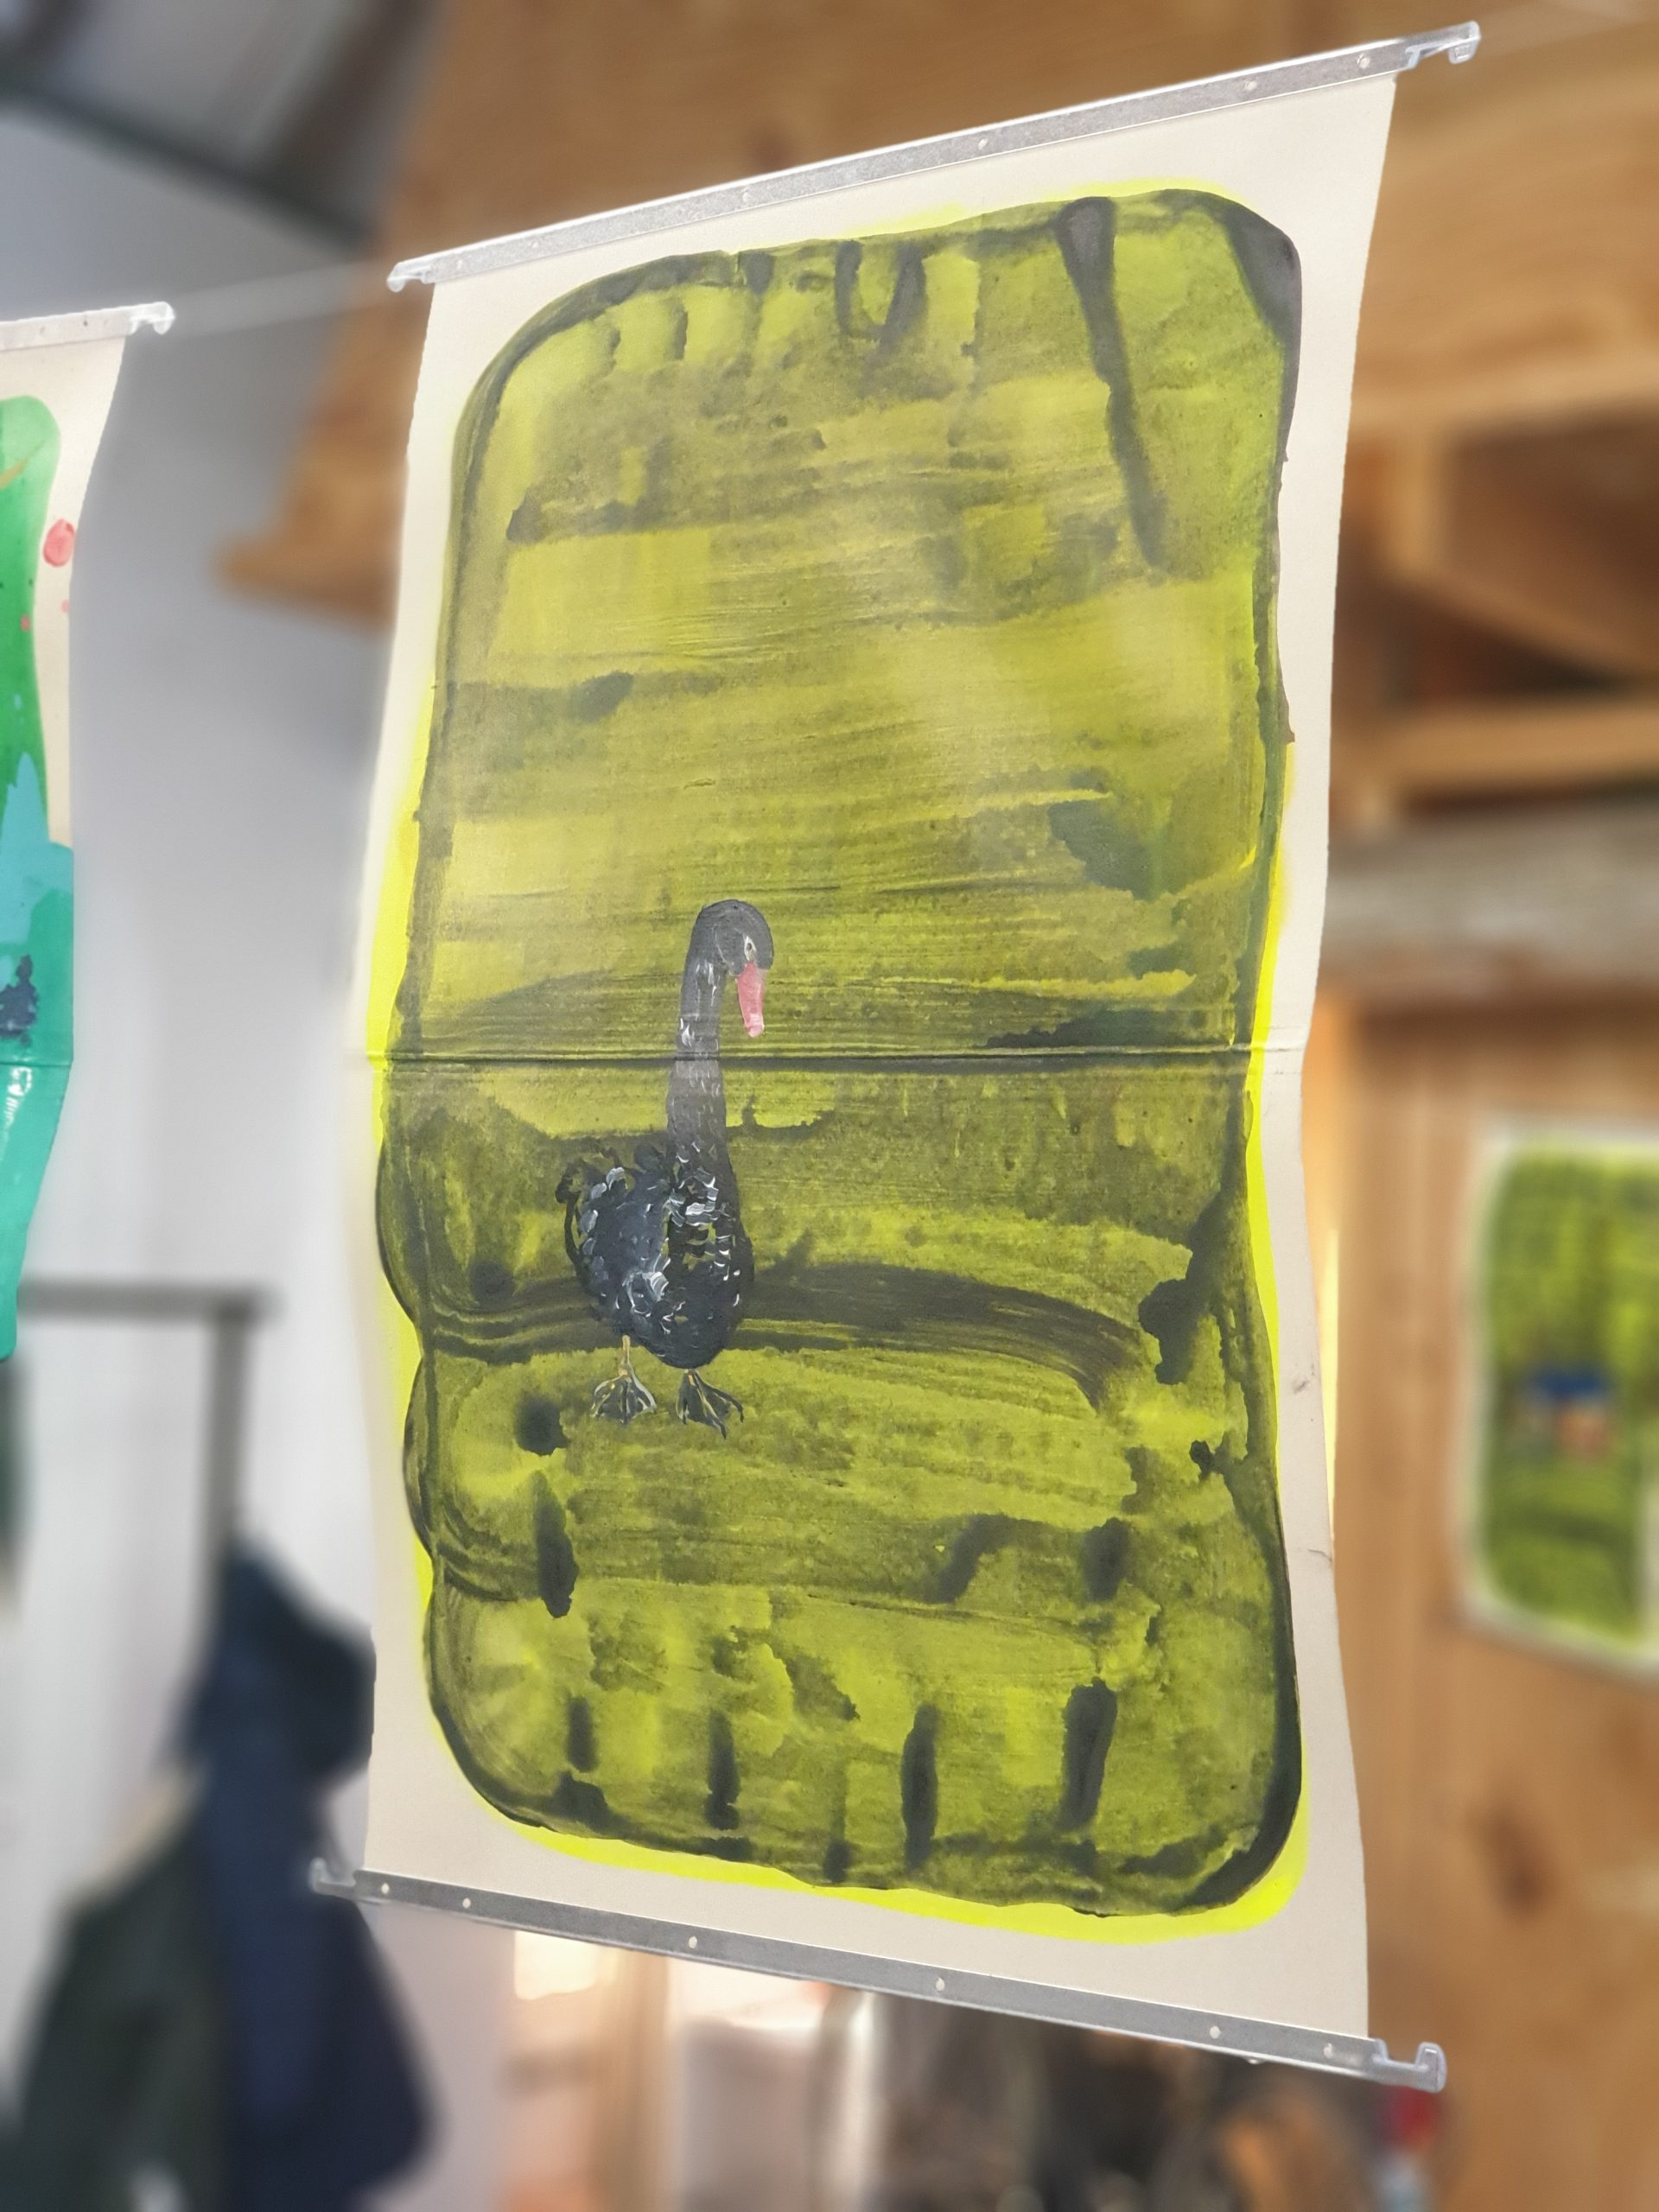 Kunst workshop Lotte van Lieshout Atelier kunstenares artist in residence